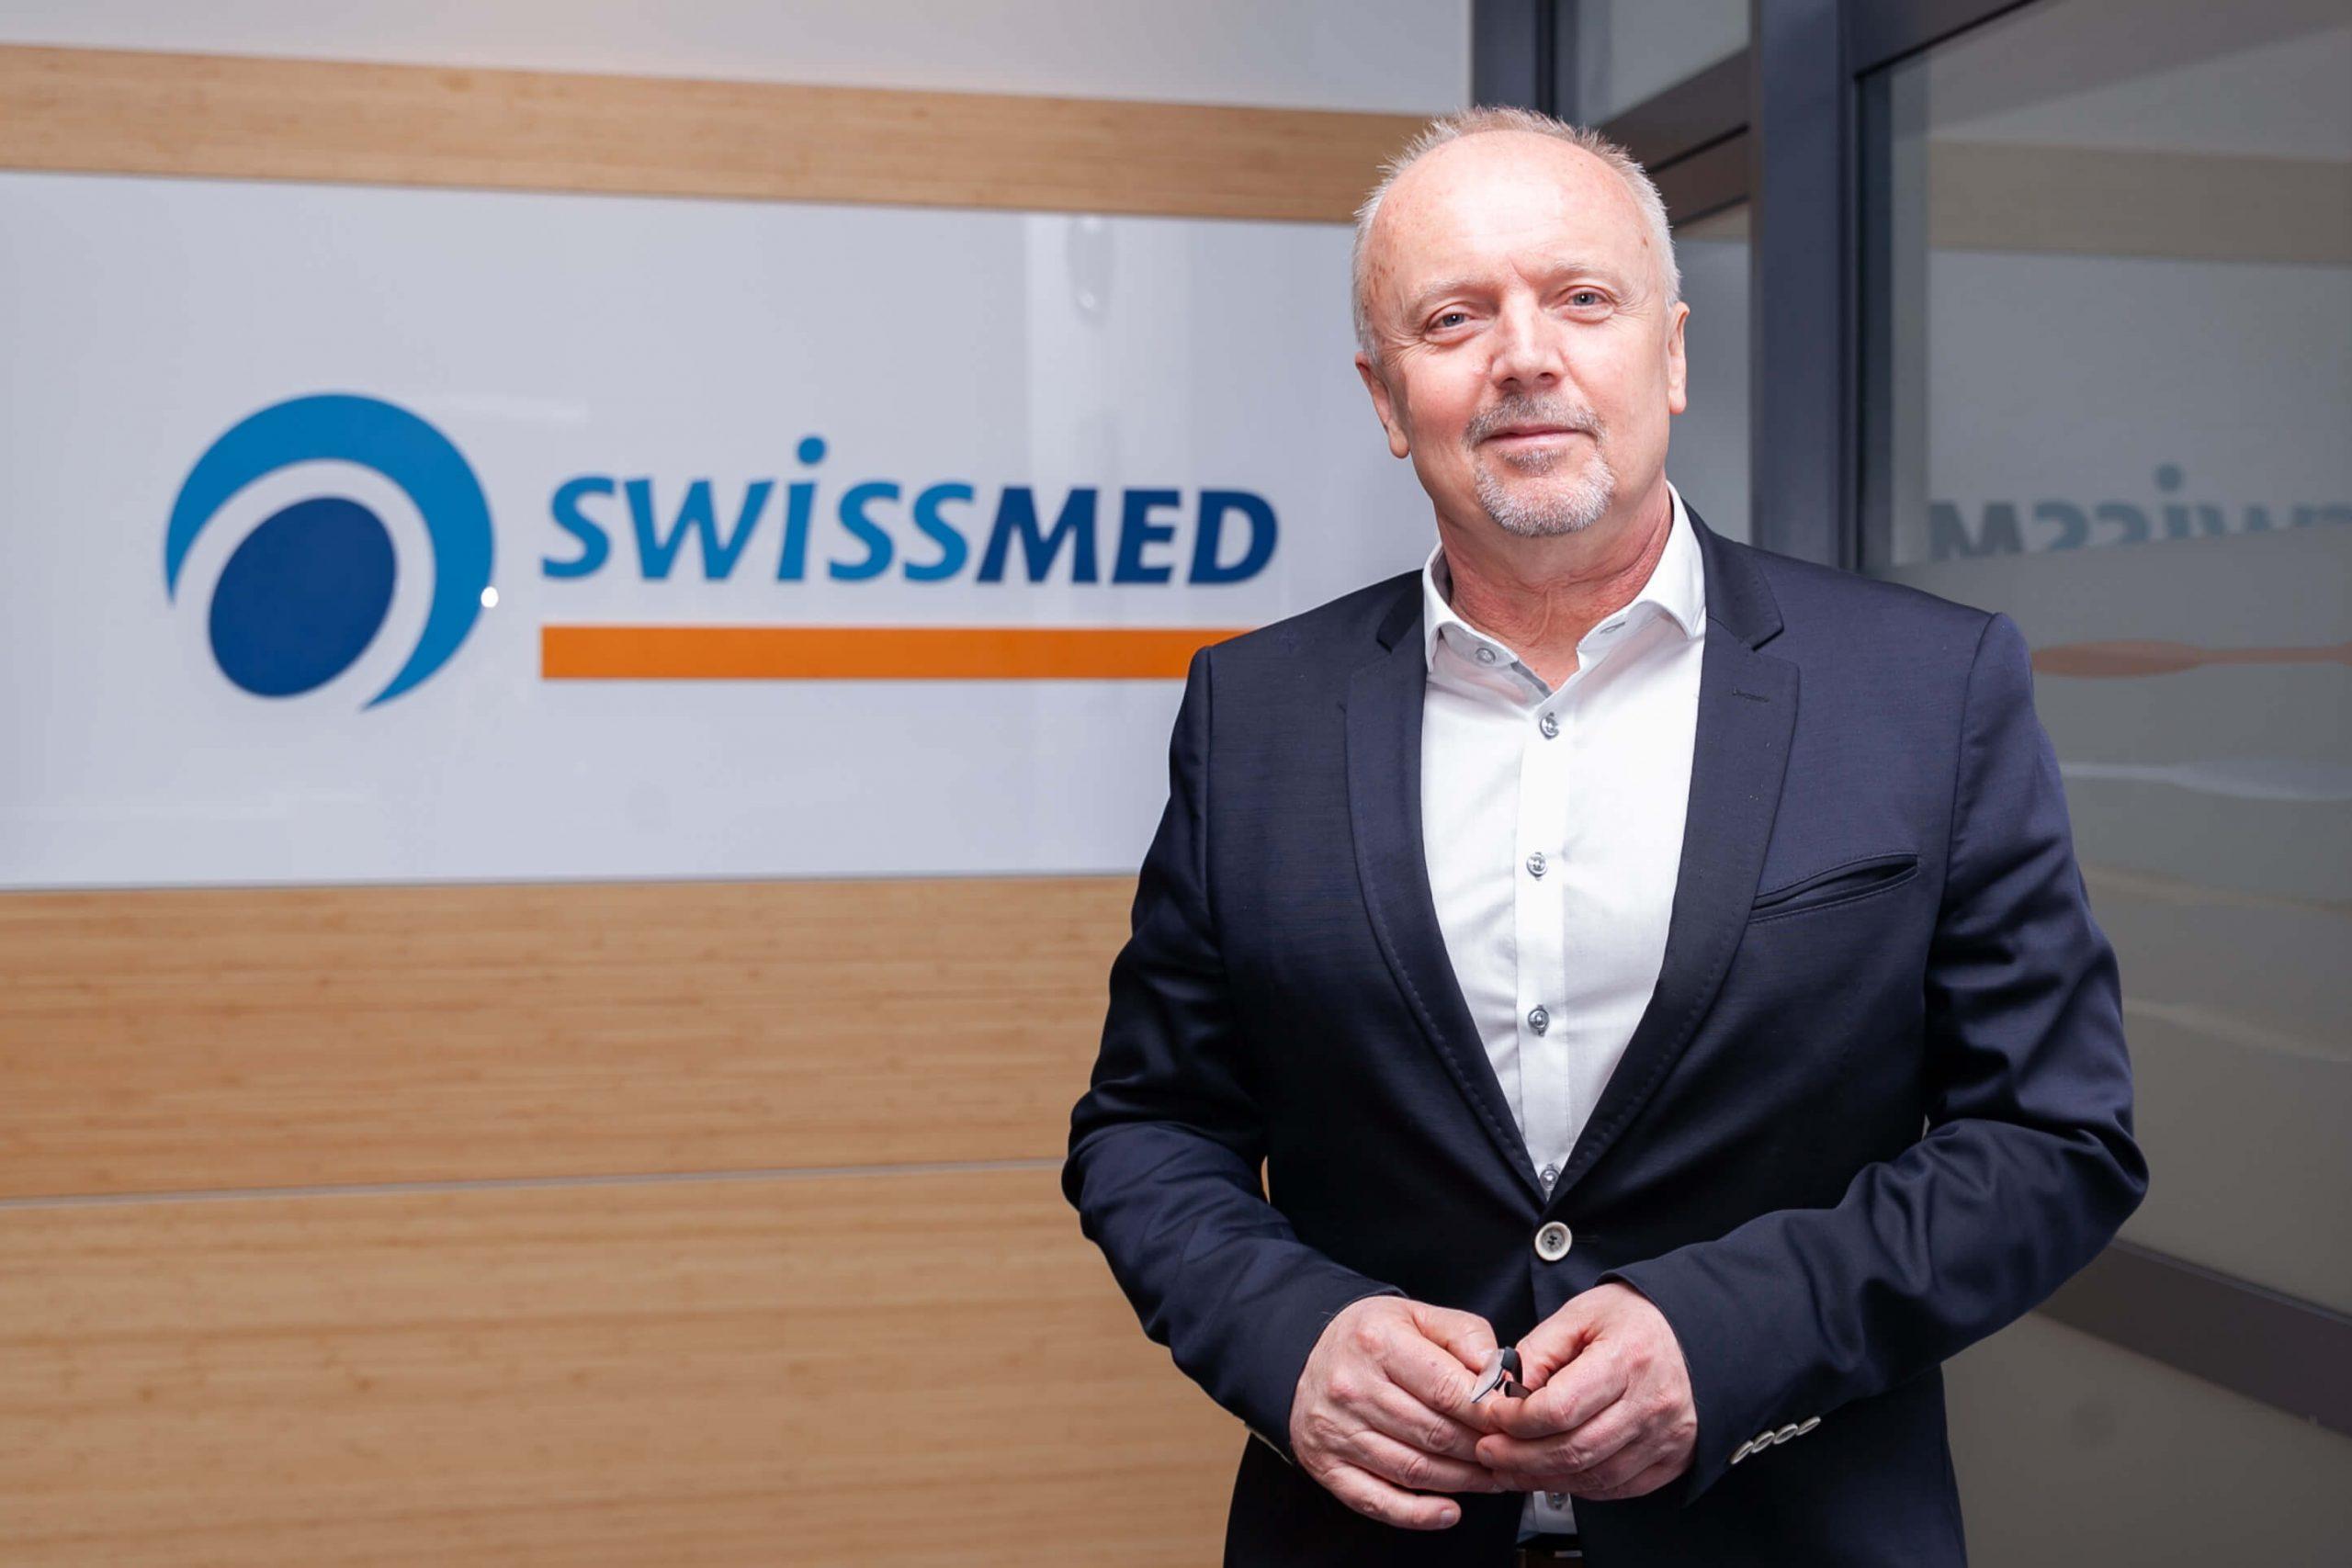 łodzimierz Piankowski, dyrektor Szpitala Swissmed